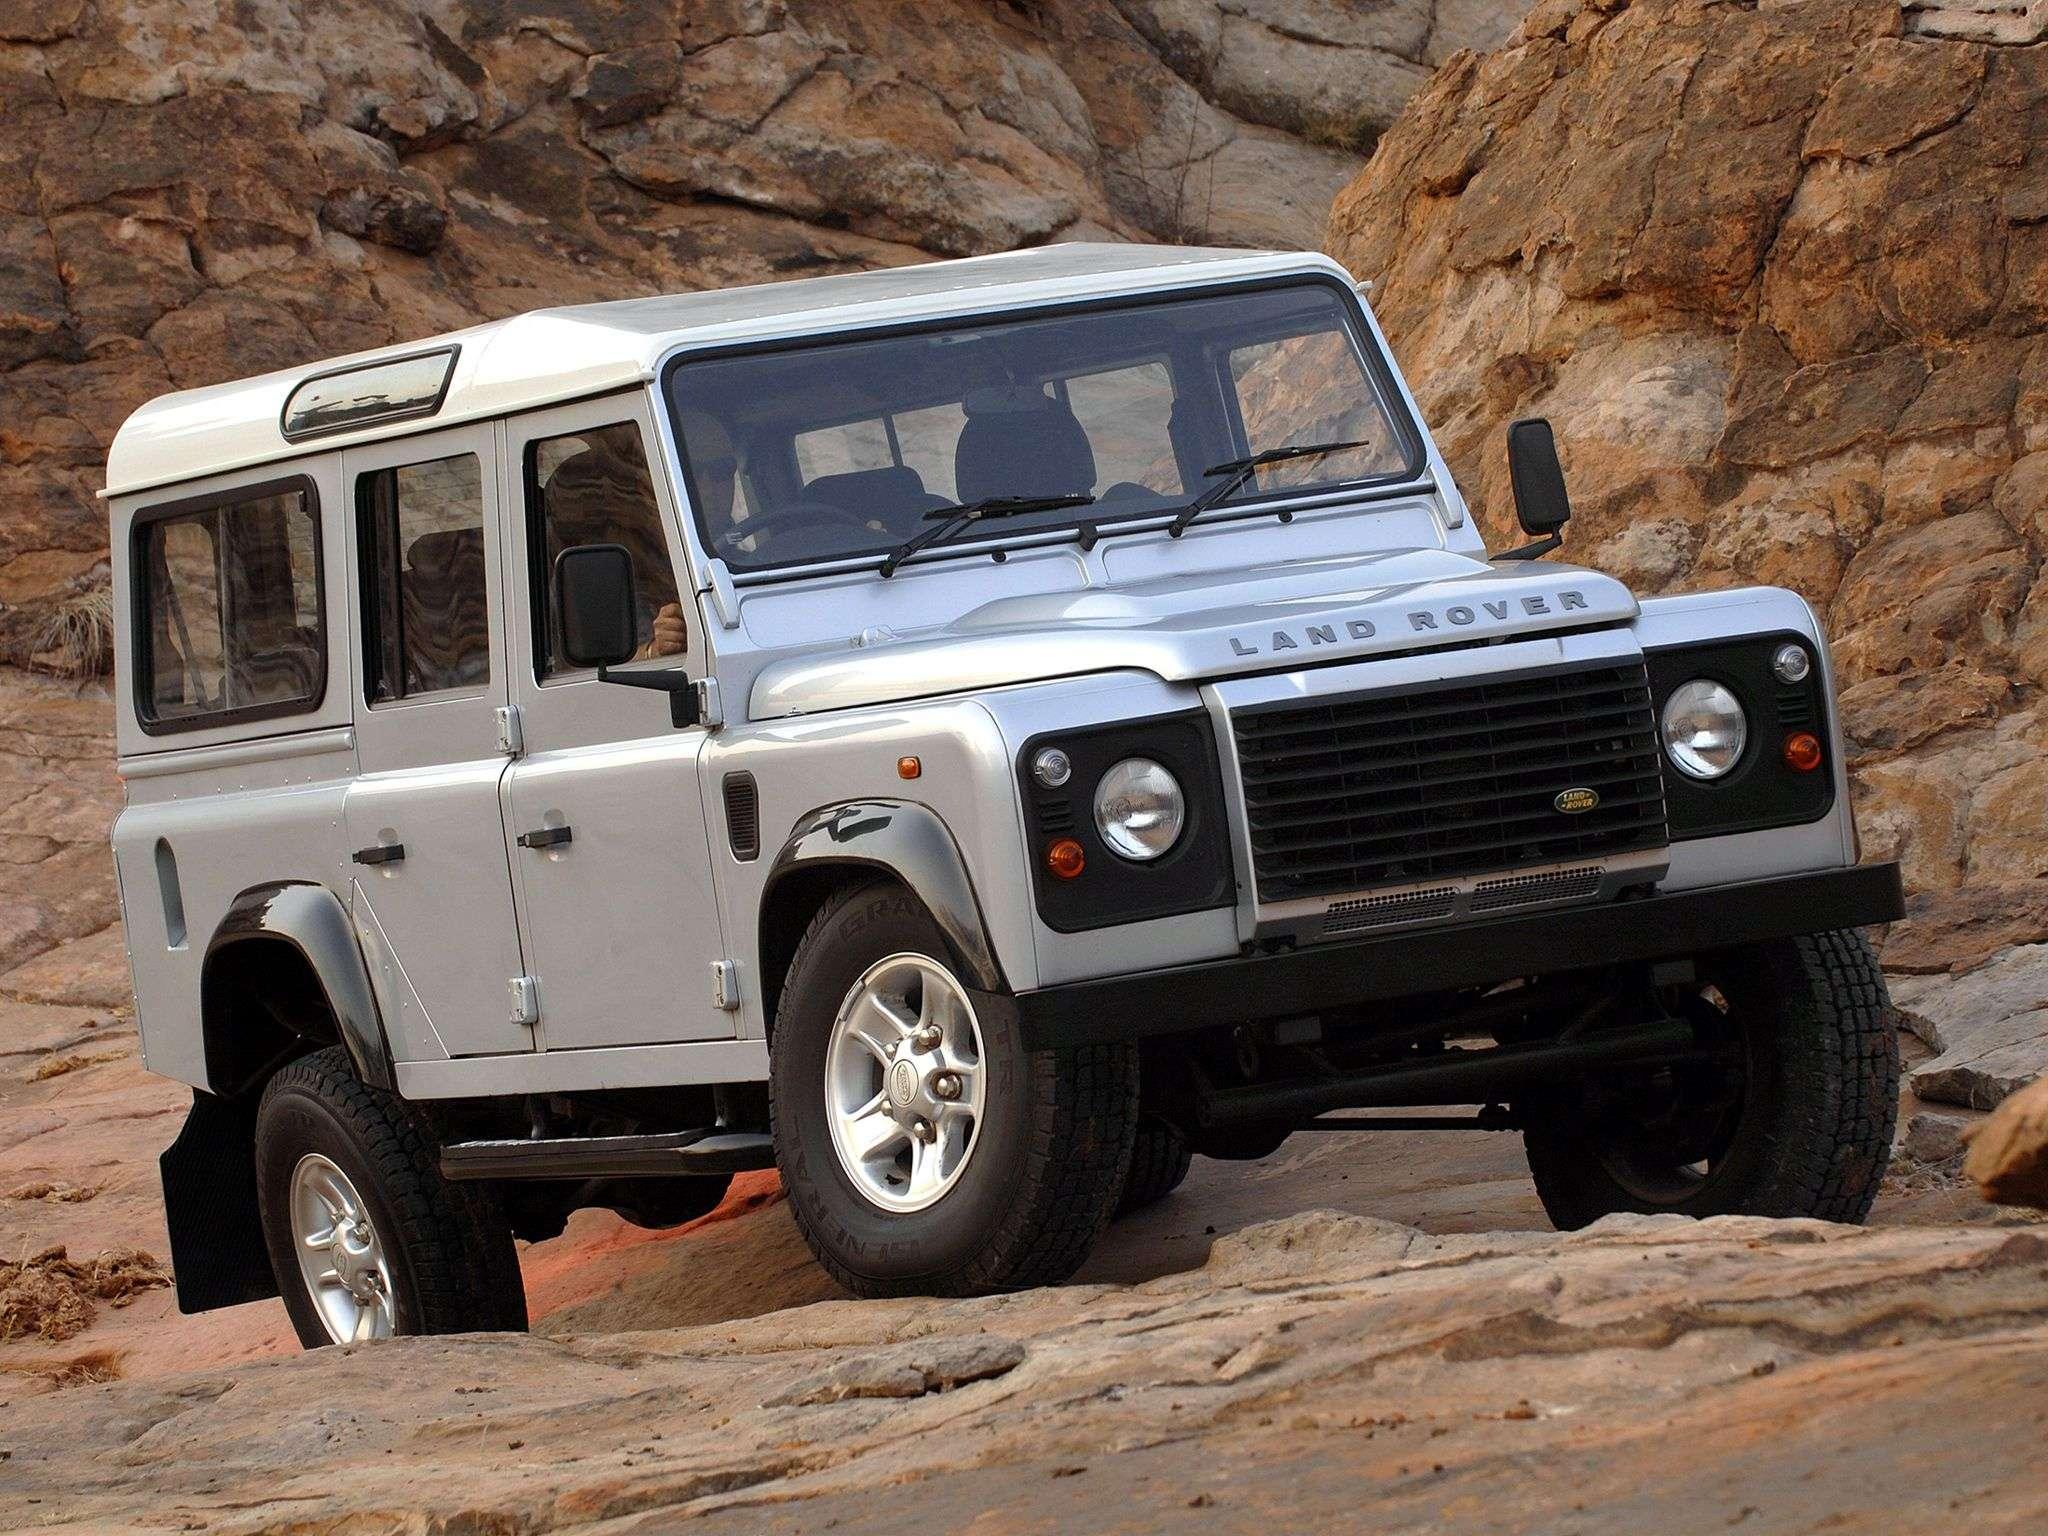 1509750766 klassicheskiy land rover defender - Обзор внедорожника Land Rover Defender 2018: технические характеристики и цена